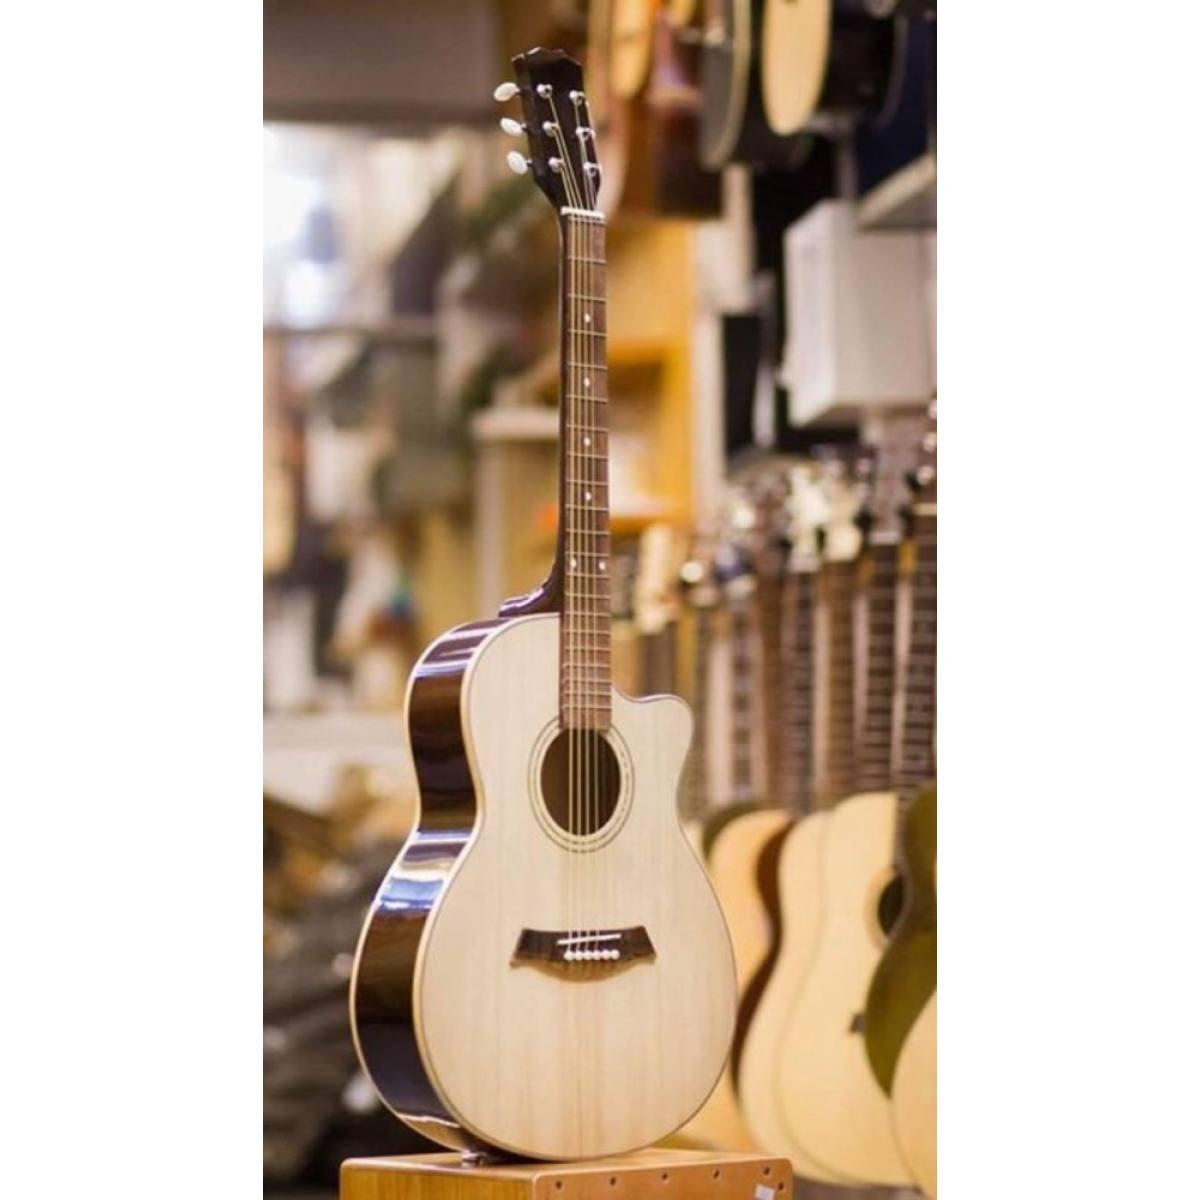 Đàn guitar giá rẻ TpHCM, Hà Nội khuyến mãi hấp dẫn